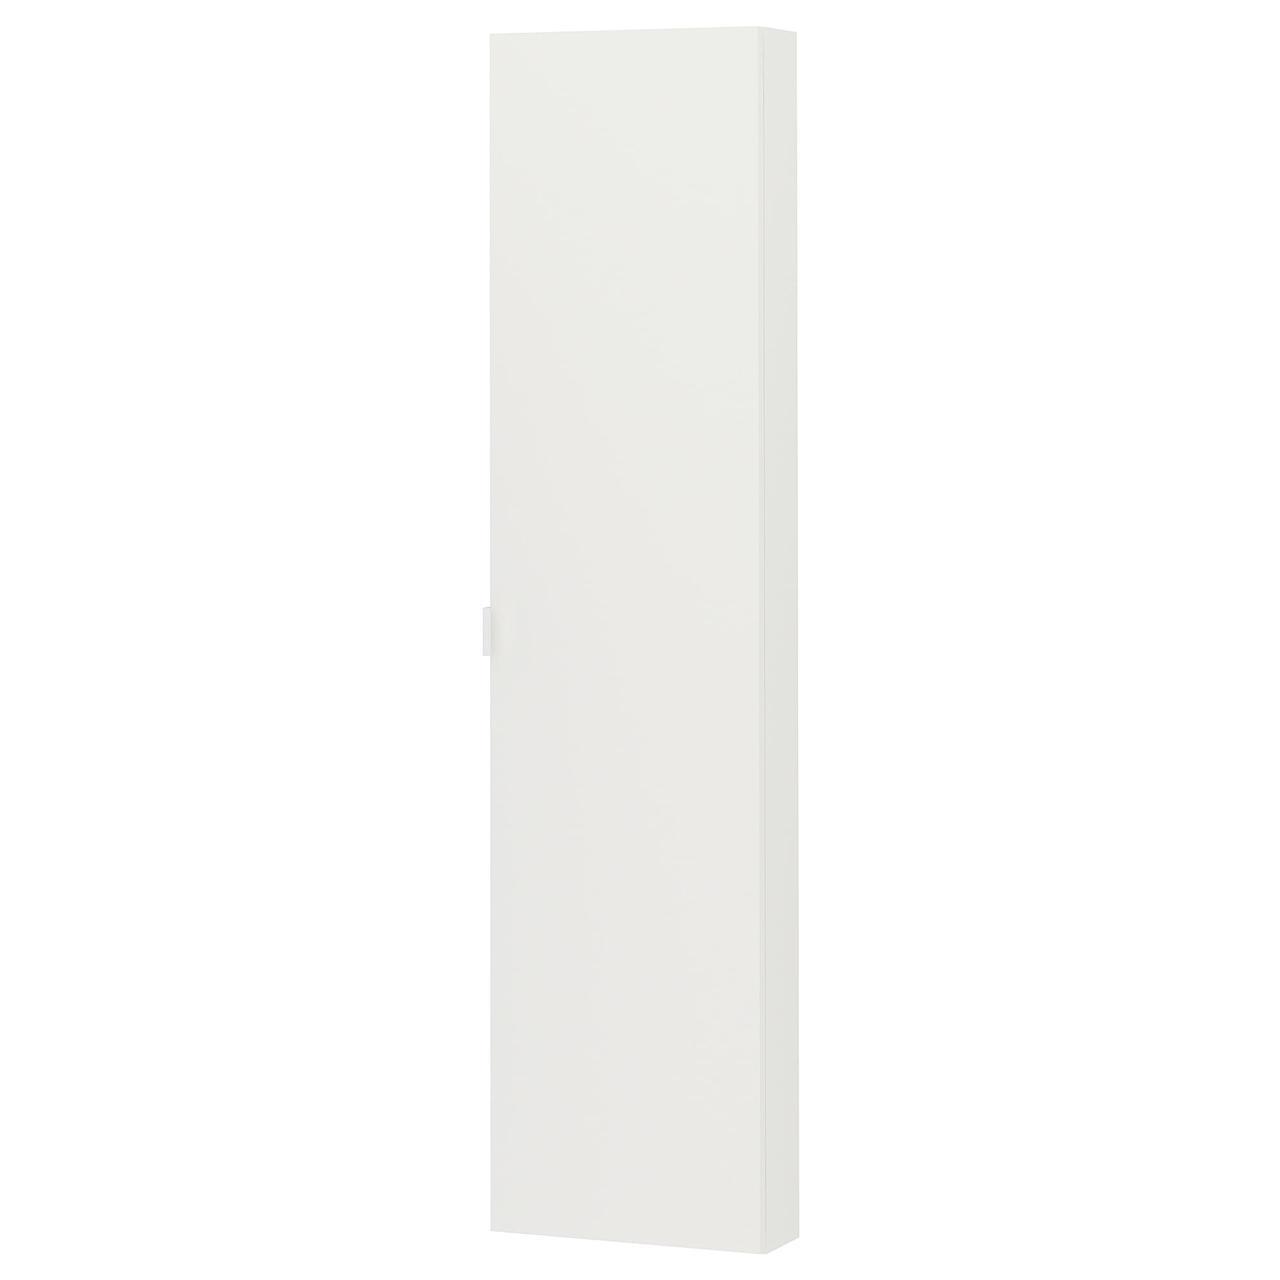 ЛИЛЛОНГЕН Навесной шкаф с 1 дверцей, белый